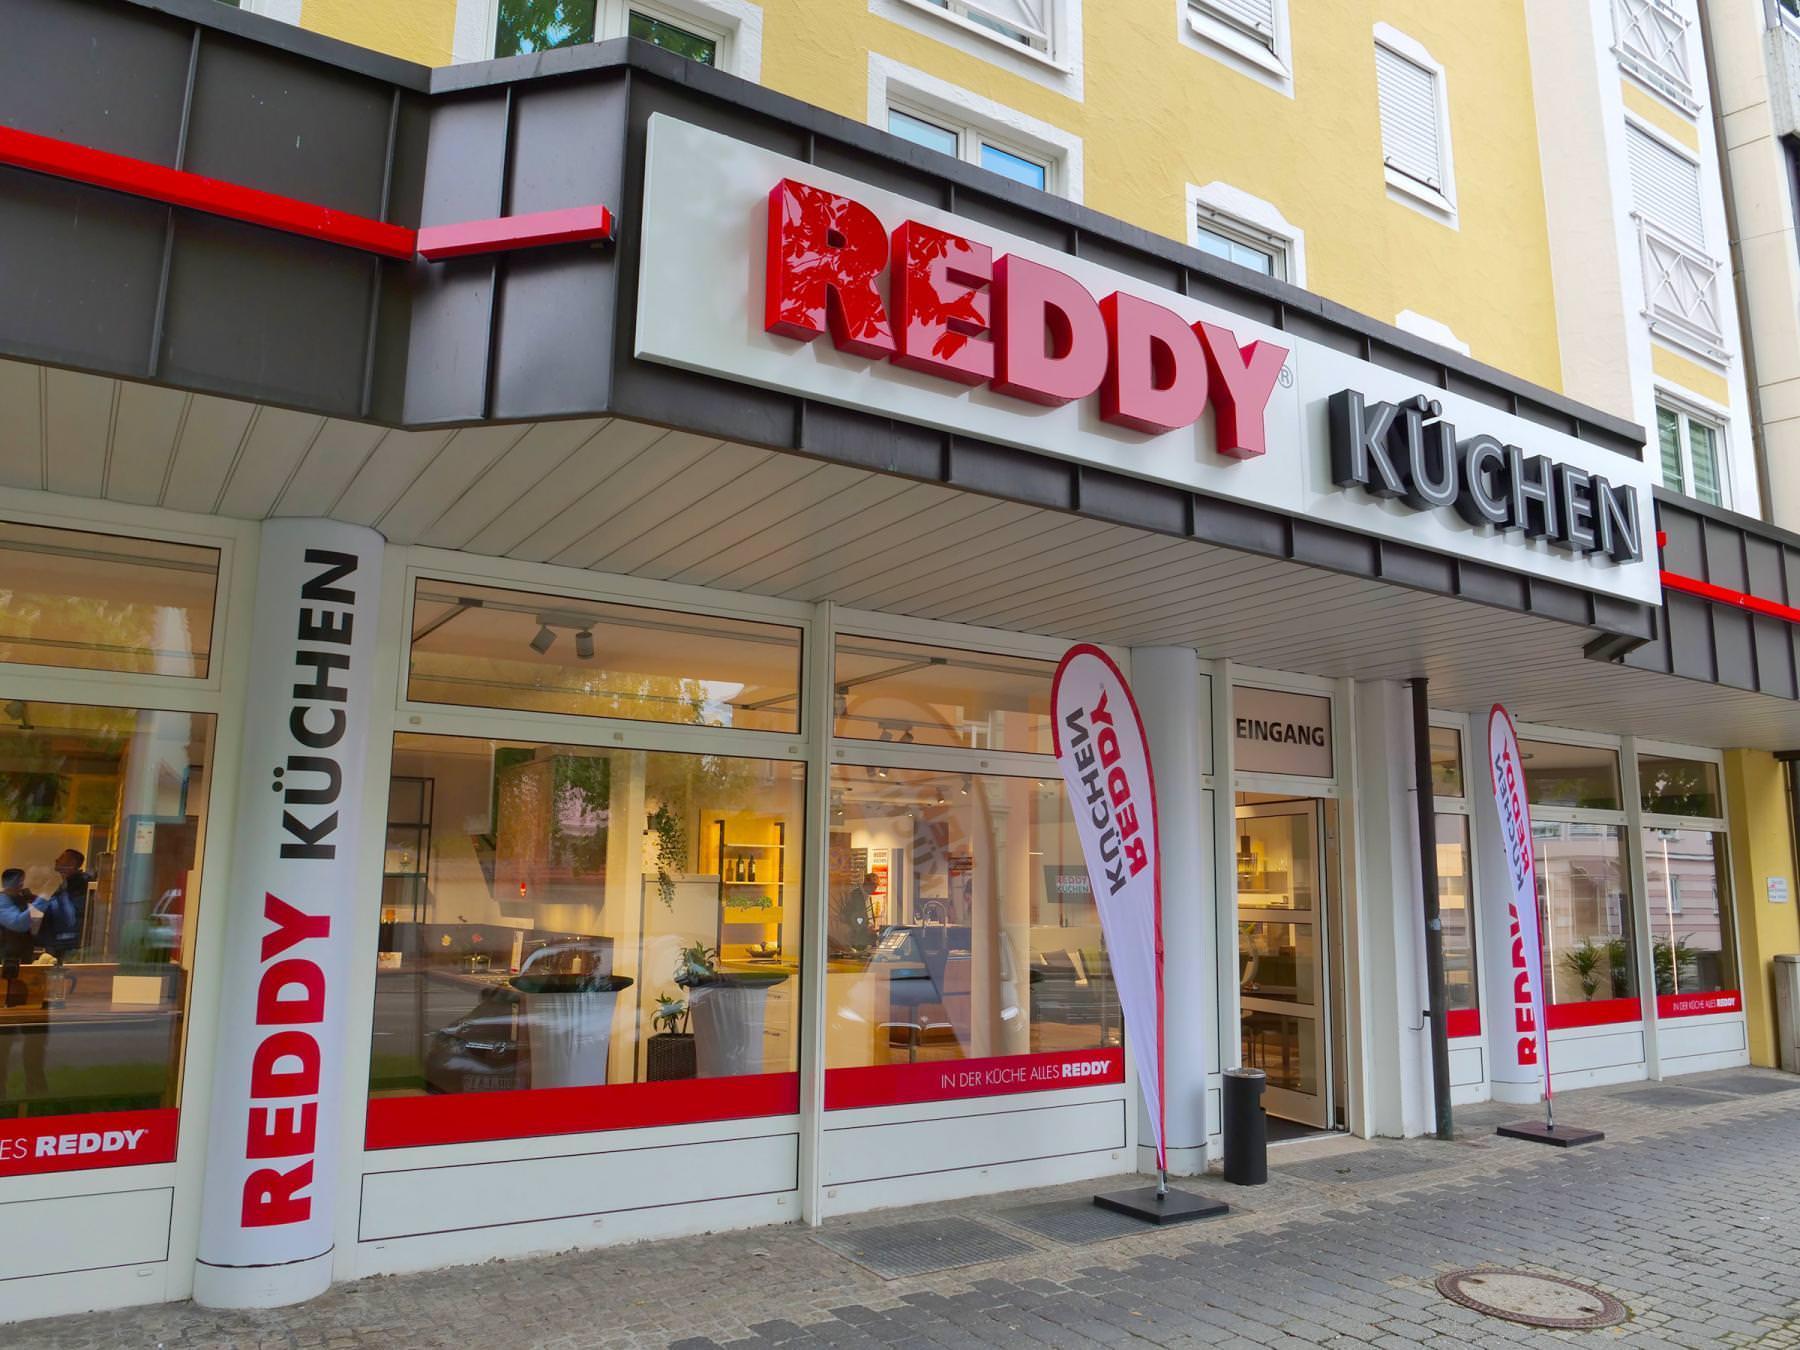 REDDY Küchen Kempten: Tolle Küchen & Top-Service